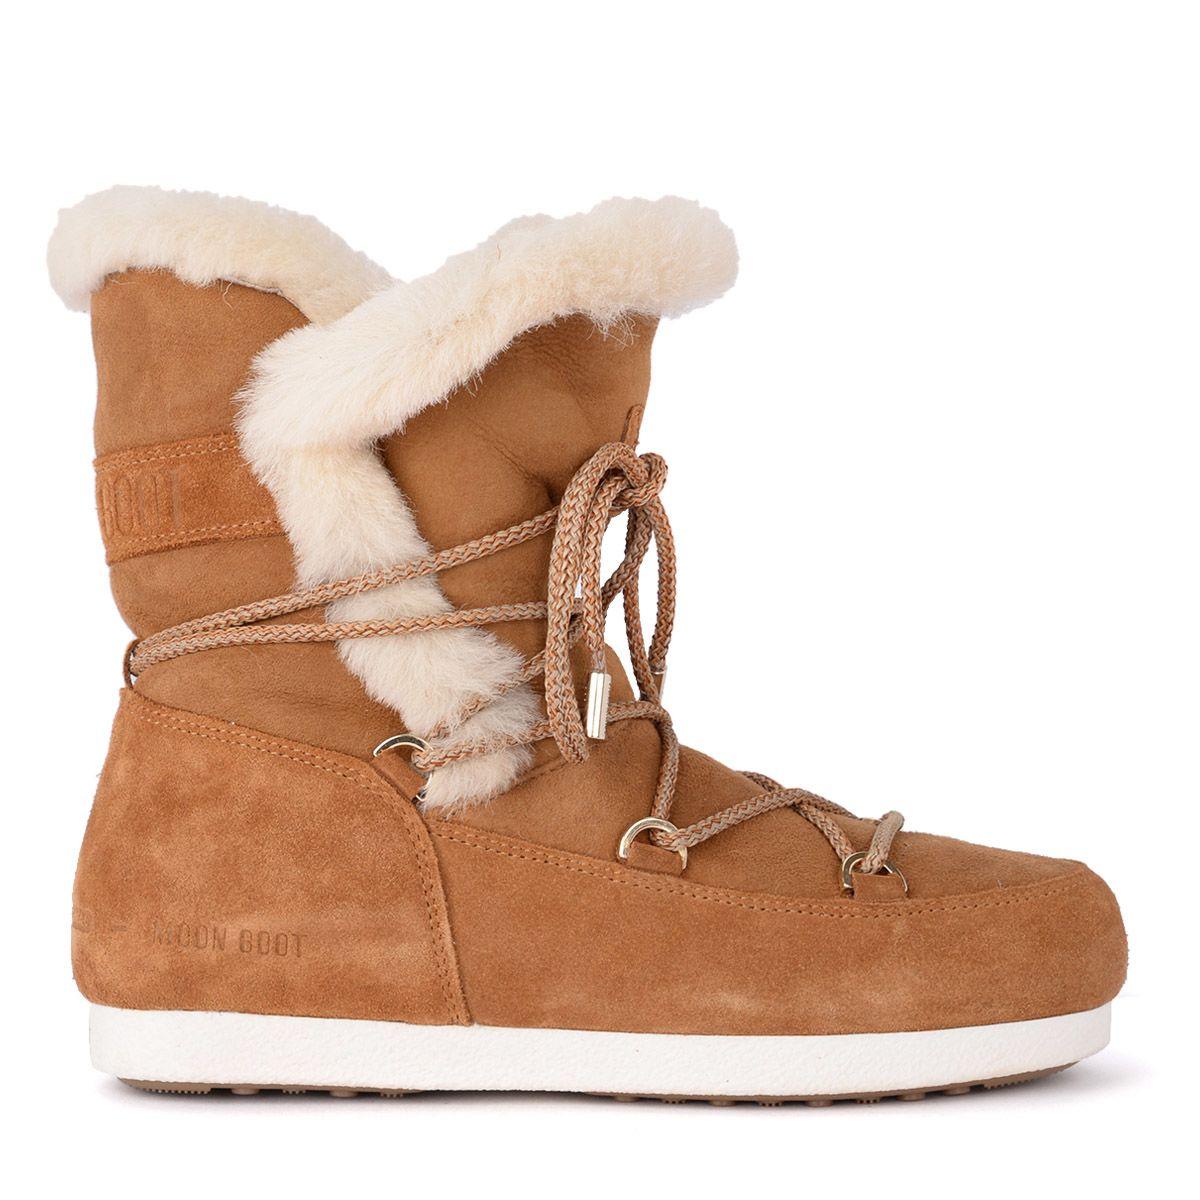 MOON BOOT Far Side Honey Shearling Boots in Marrone